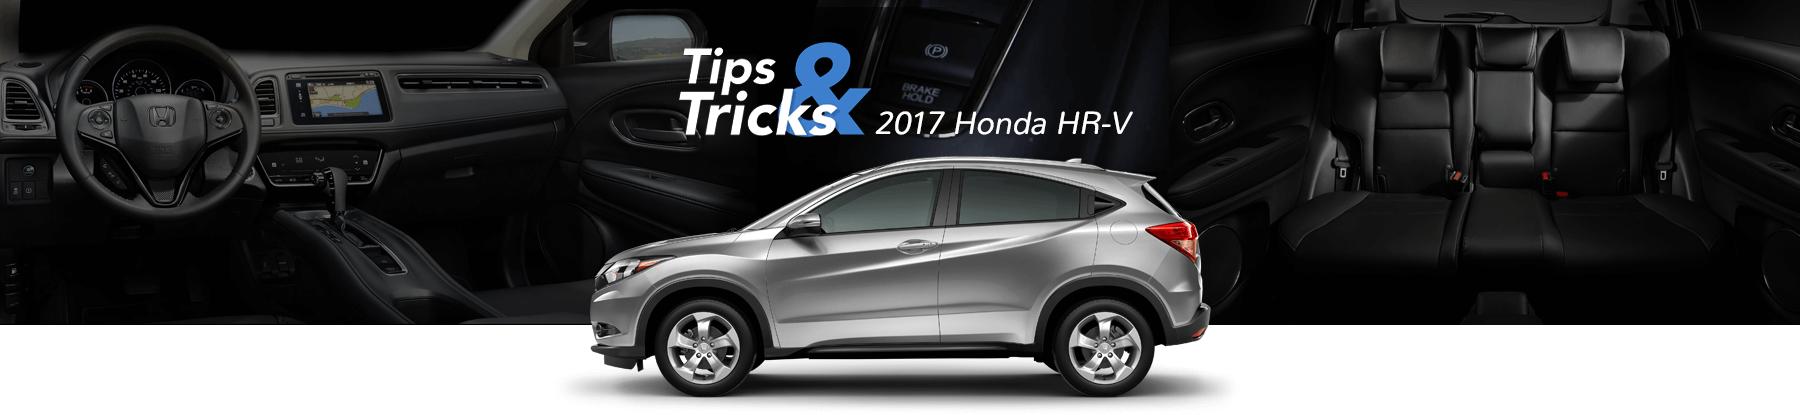 2017 Honda HR-V Tips & Tricks Banner